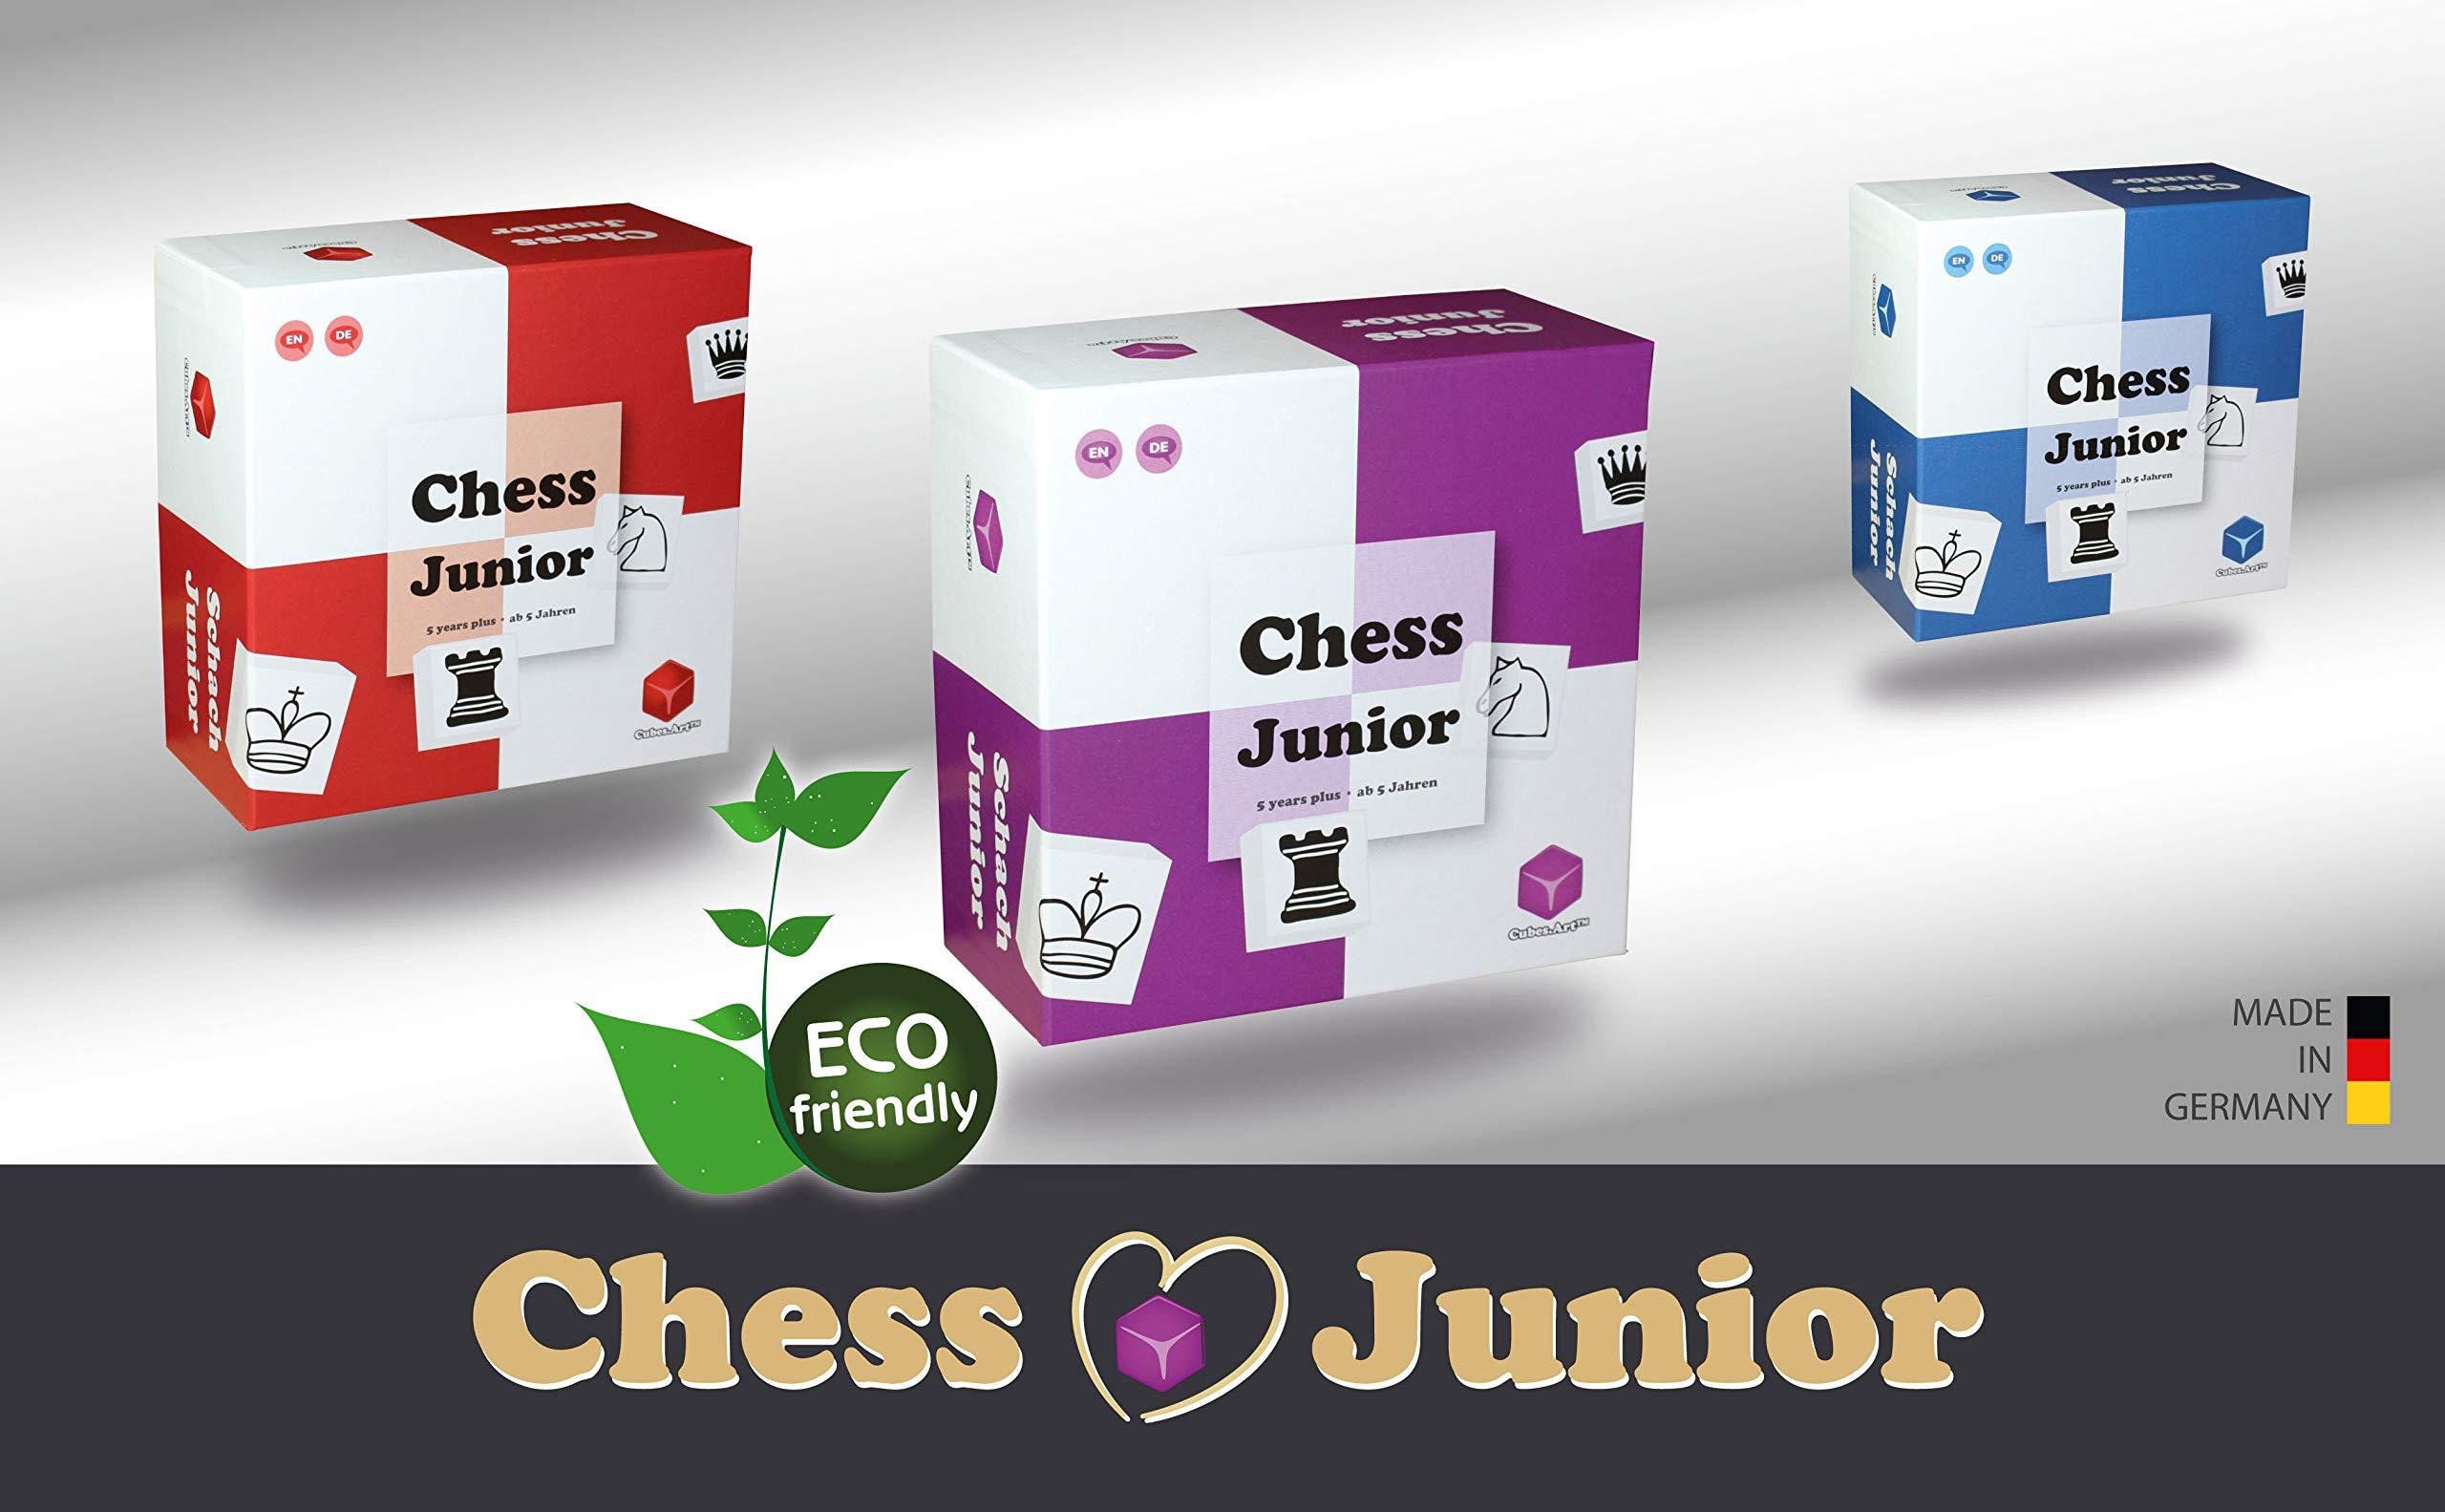 Chess-Junior-Das-Schachspiel-fr-Kinder-nominiert-zum-Besten-Spielzeug-des-Jahres-Violett-deutsch